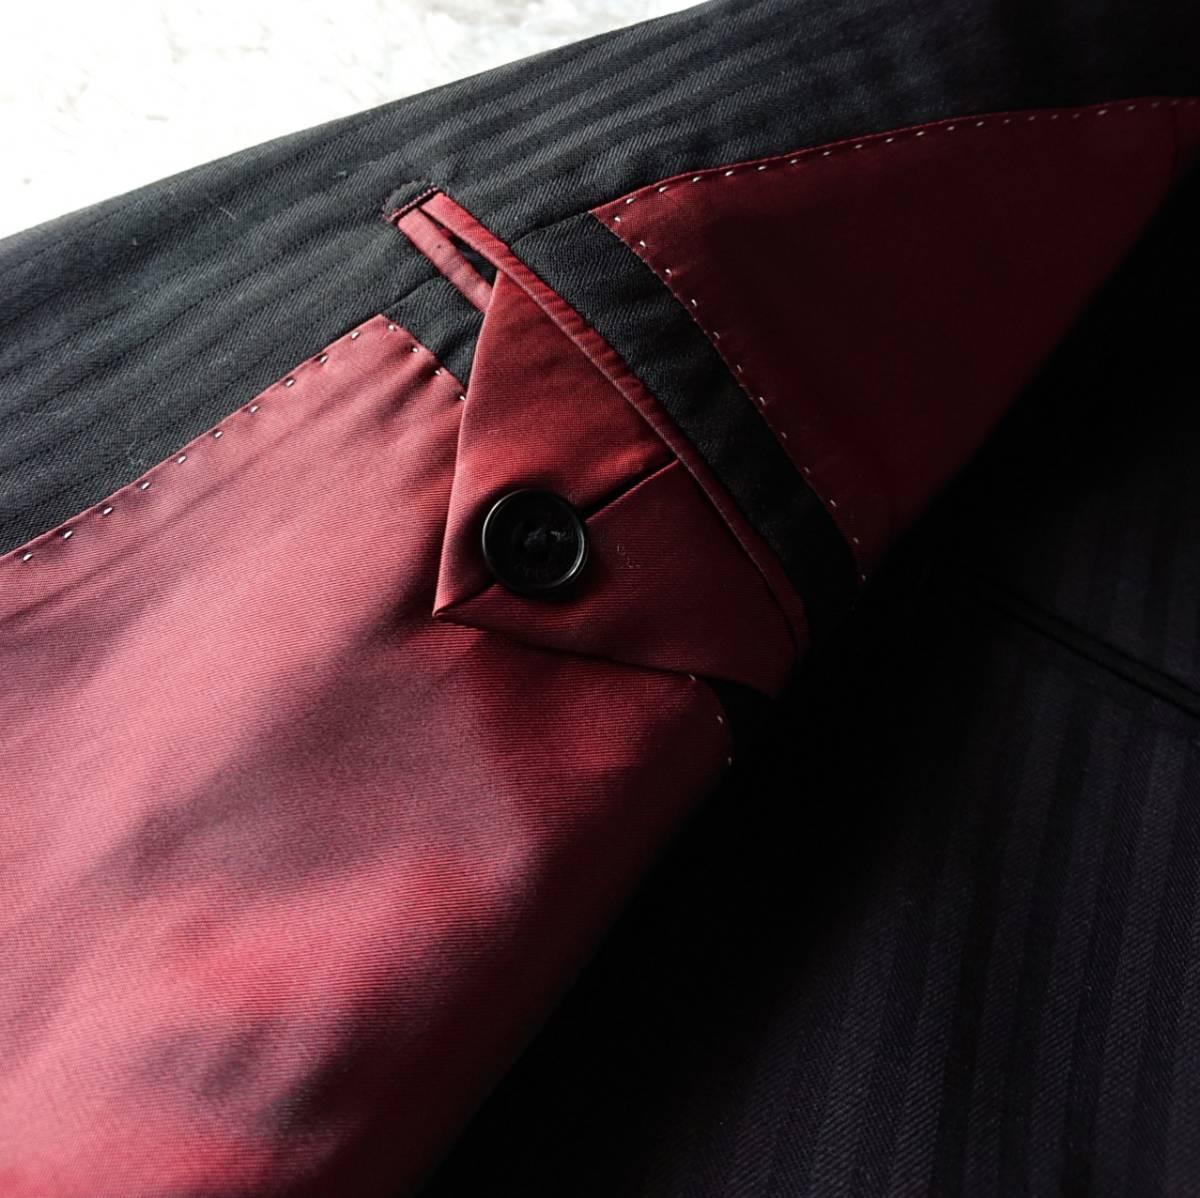 激レア希少 大人気赤 BURBERRY BLACK LABEL ★ シルク混 スリーピース バーバリー ブラック レーベル スーツ セットアップ メンズ ブラック_画像8